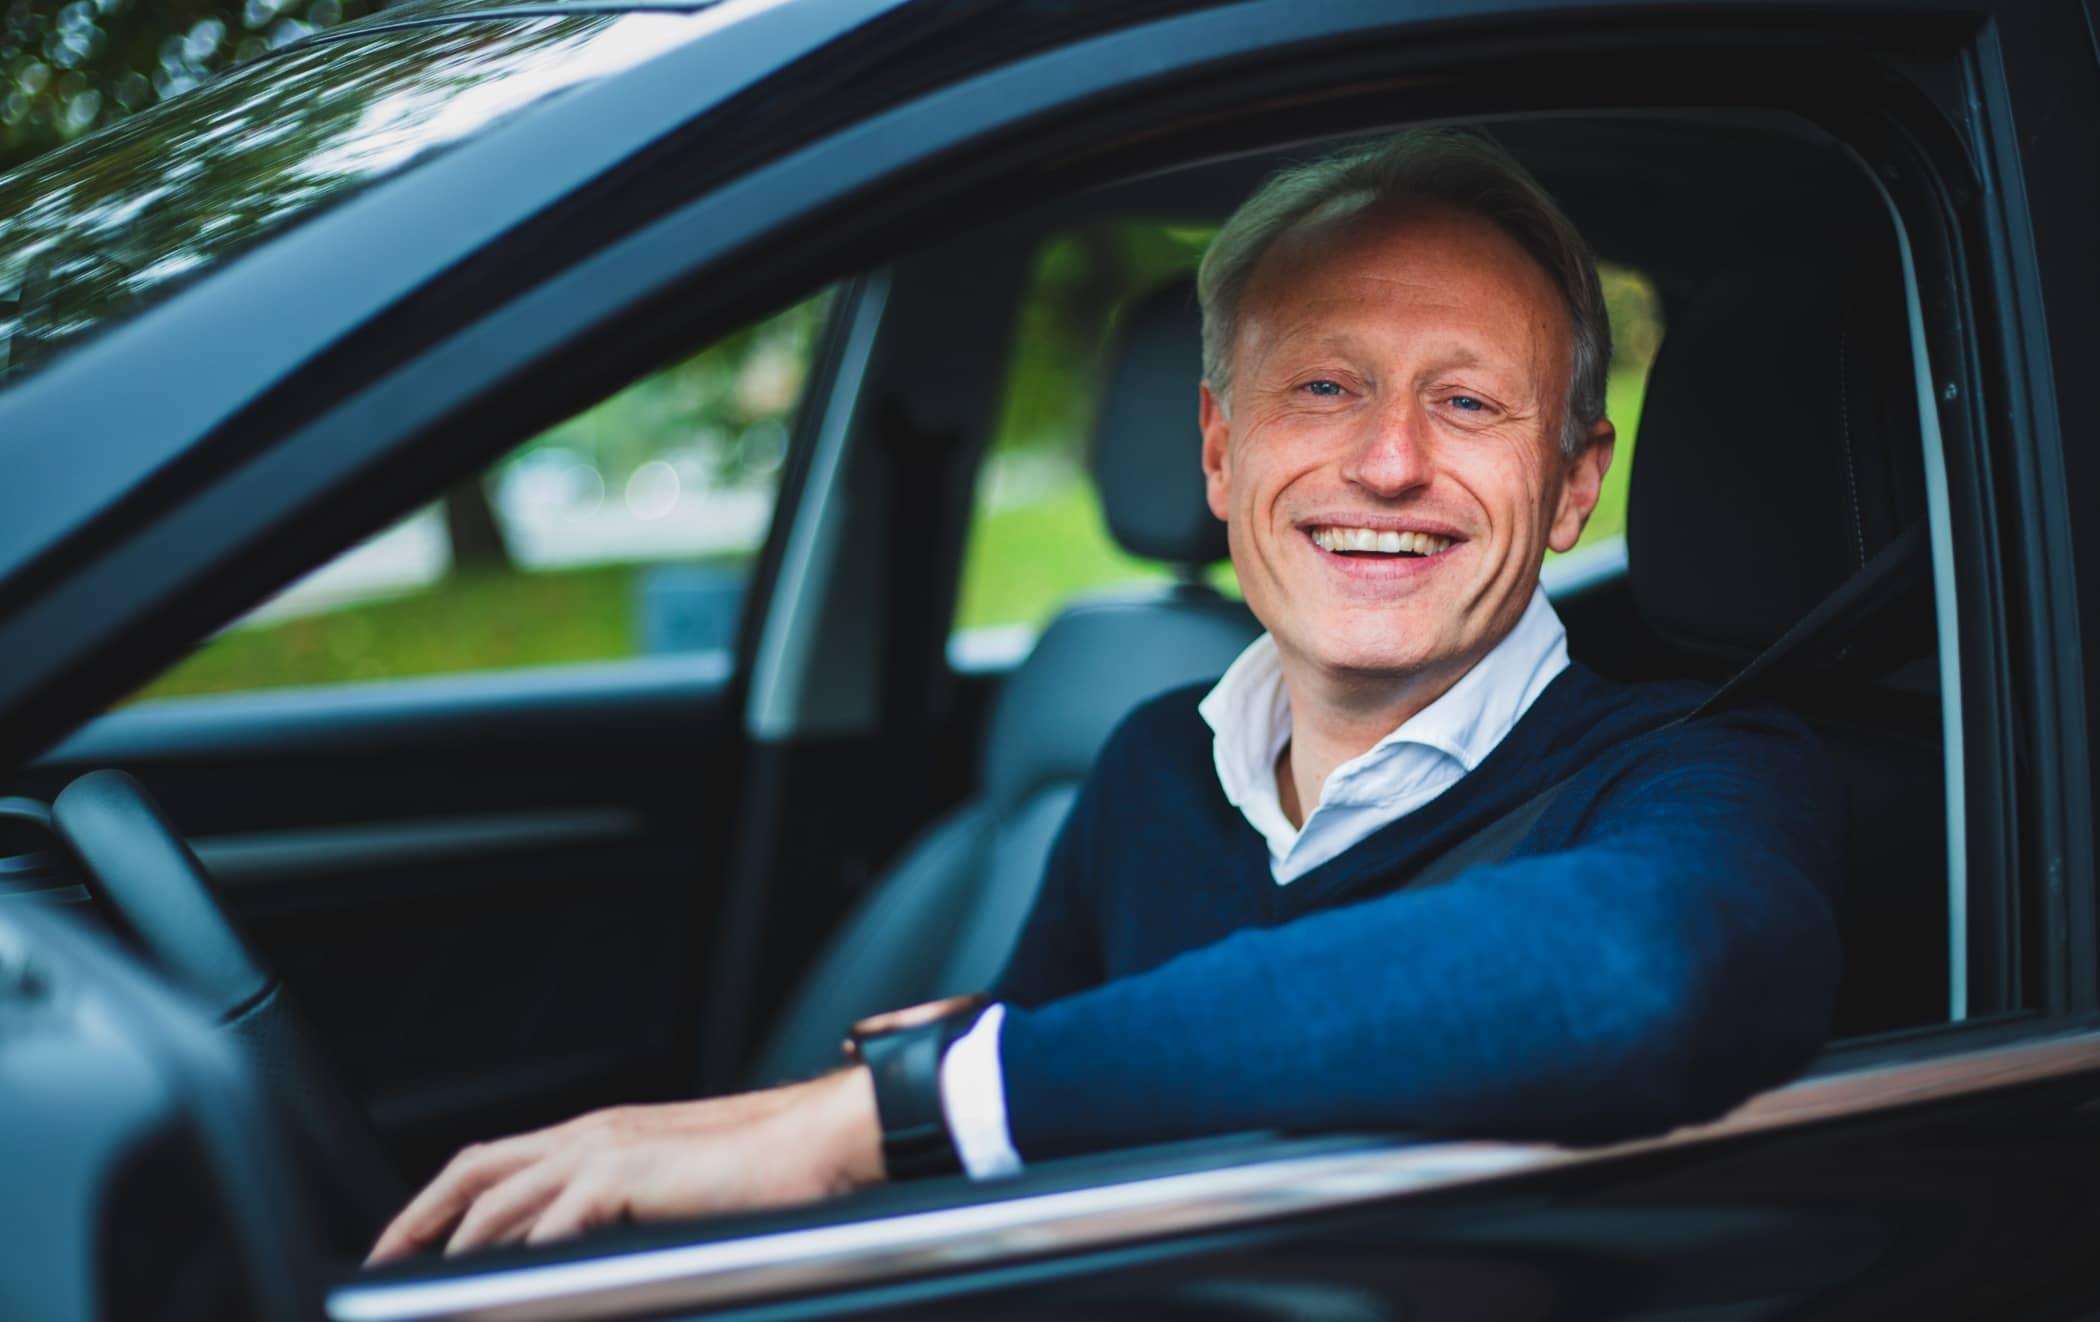 Vehicle door, Driving